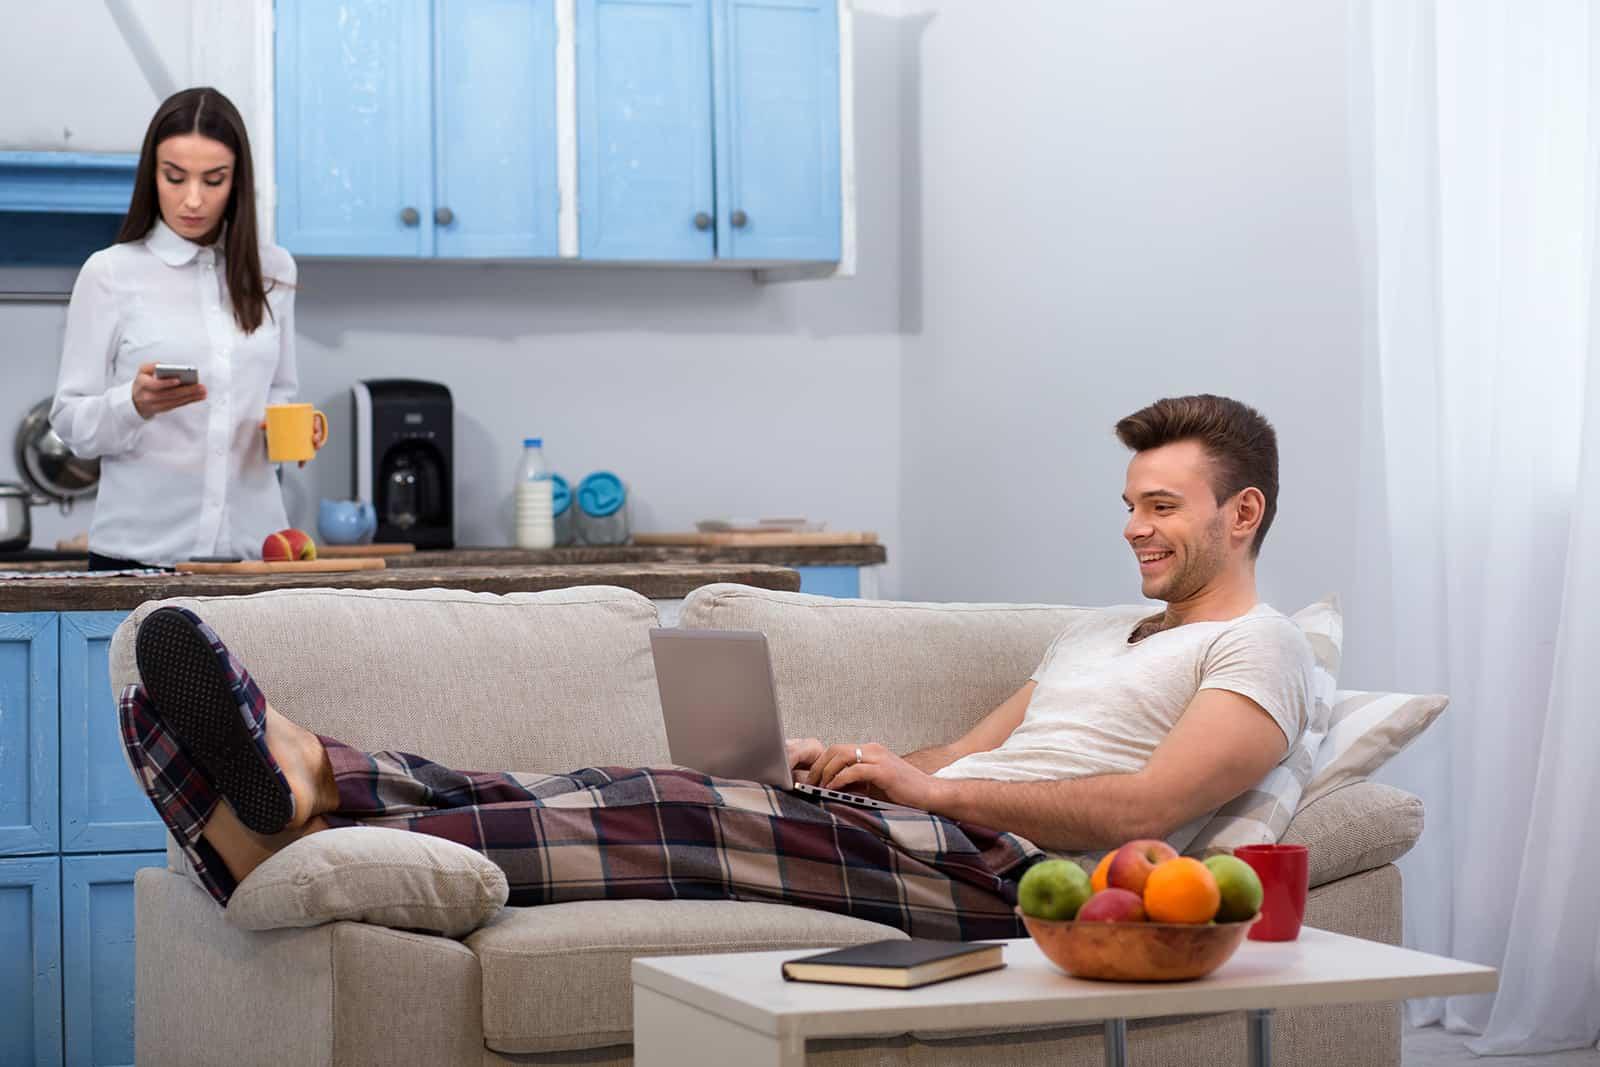 Fauler Ehemann mit einem Laptop auf der Couch, während seine Frau in der Küche steht und sich auf die Arbeit vorbereitet